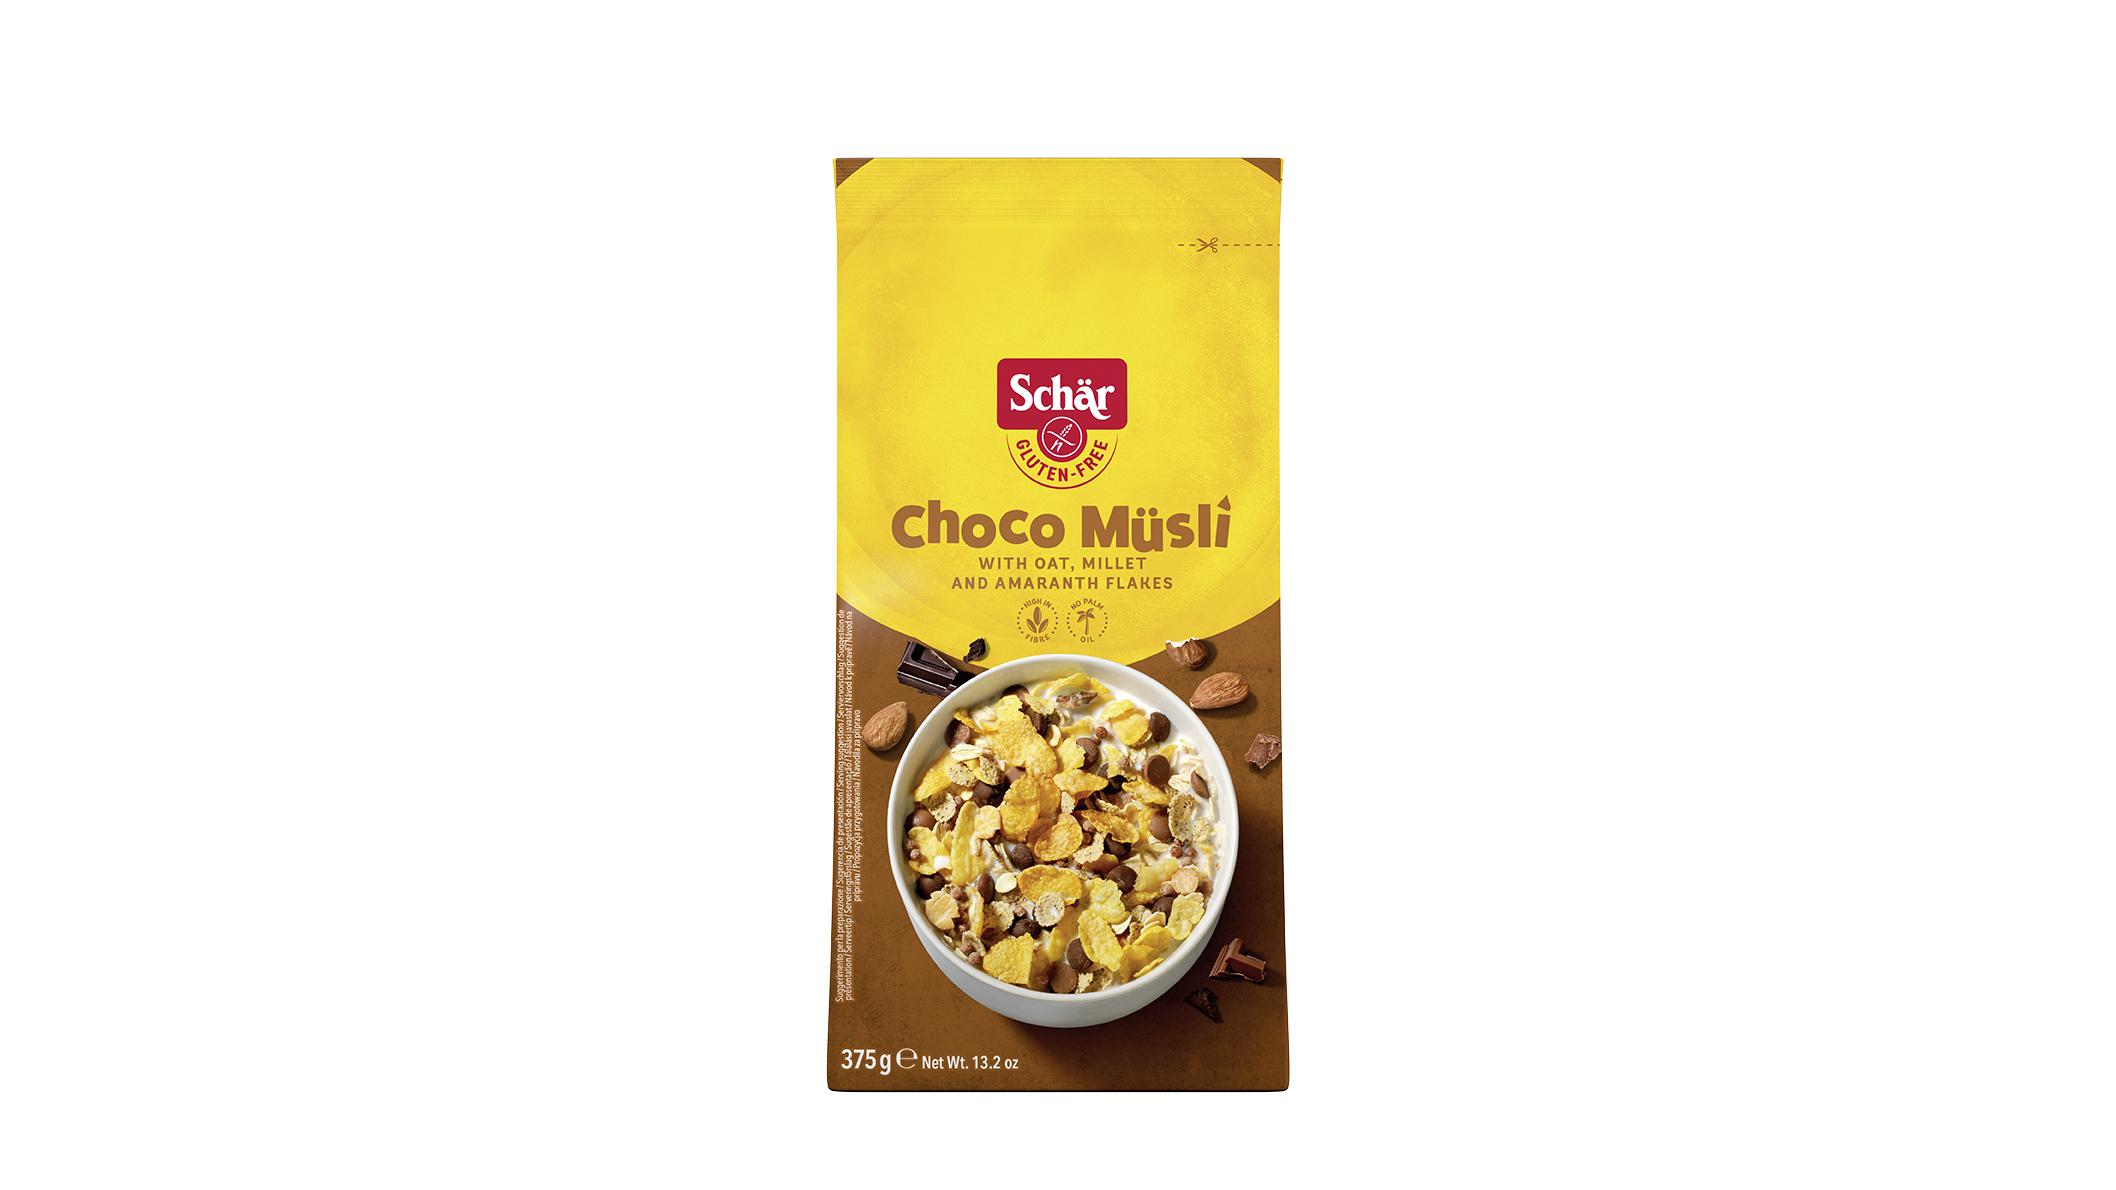 Čokoladne pahuljice - Choco Müsli